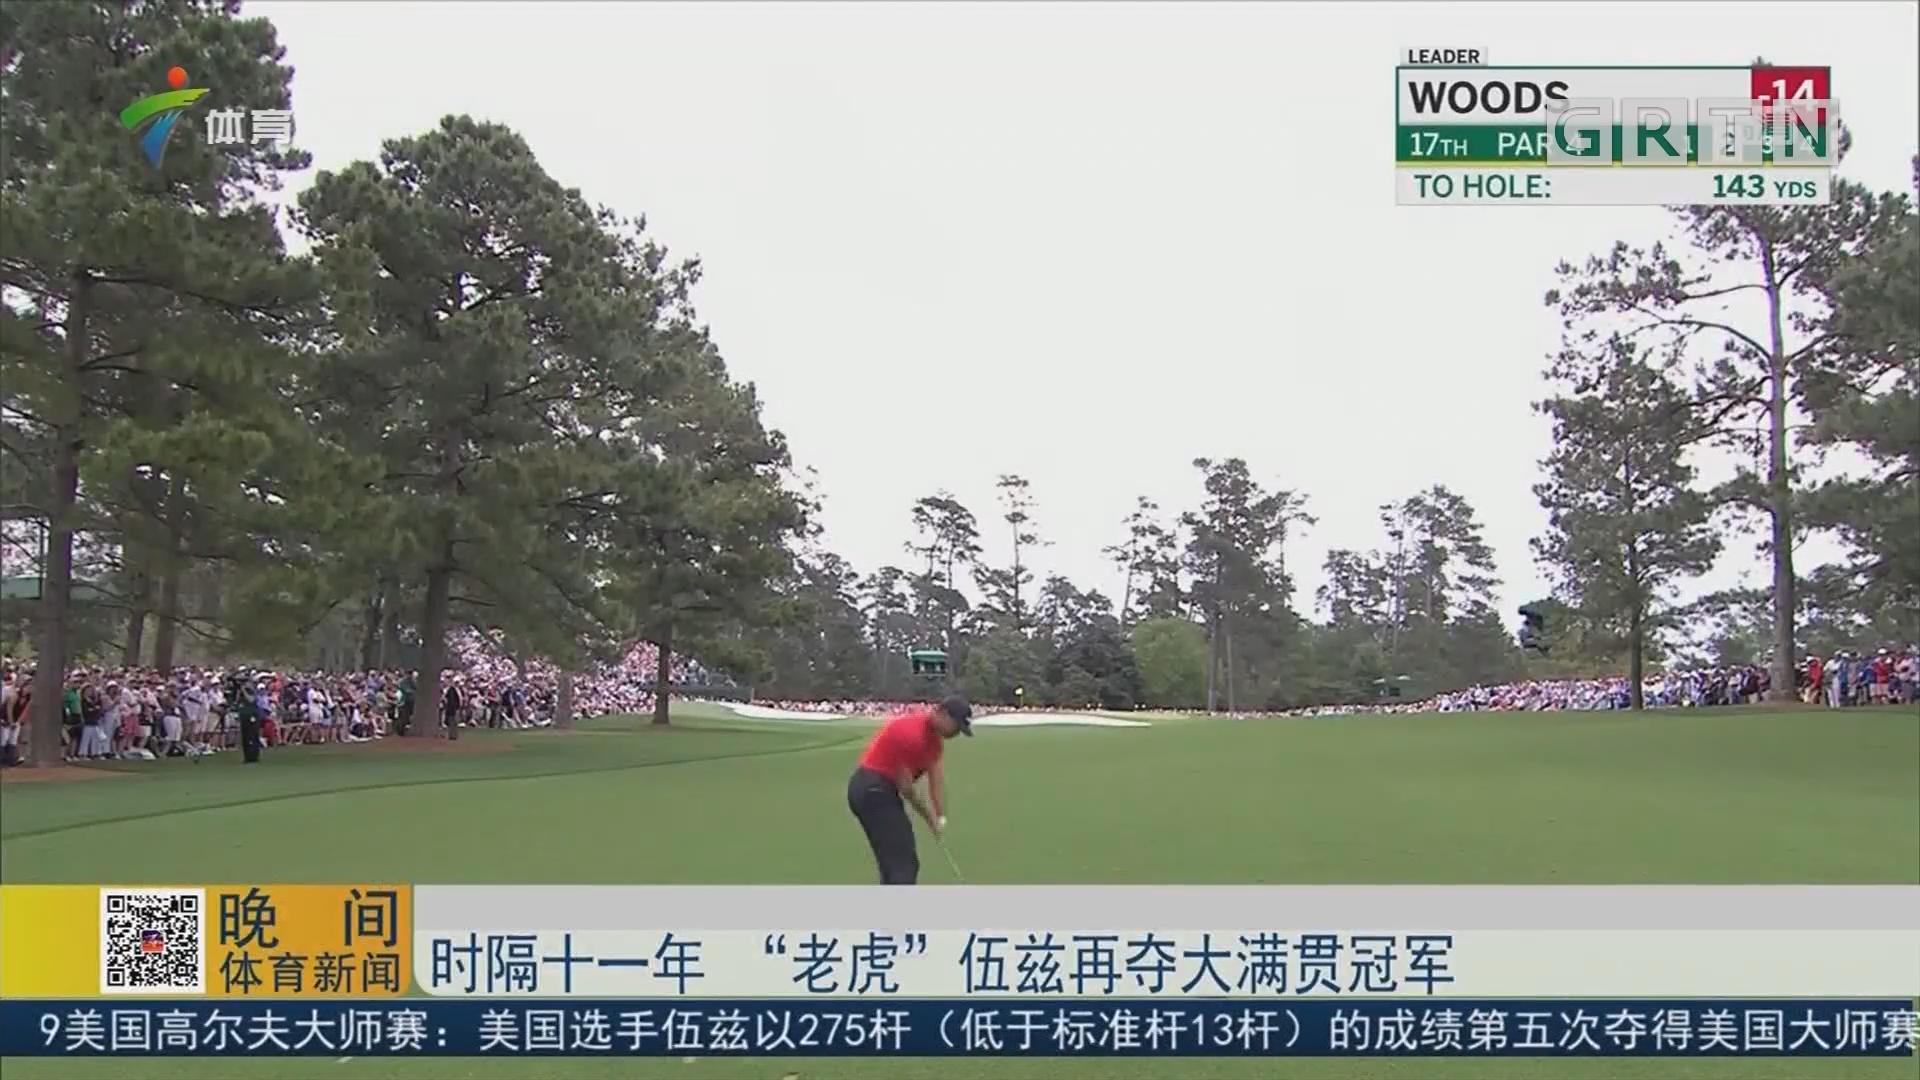 """时隔十一年 """"老虎""""伍兹再夺大满贯冠军"""